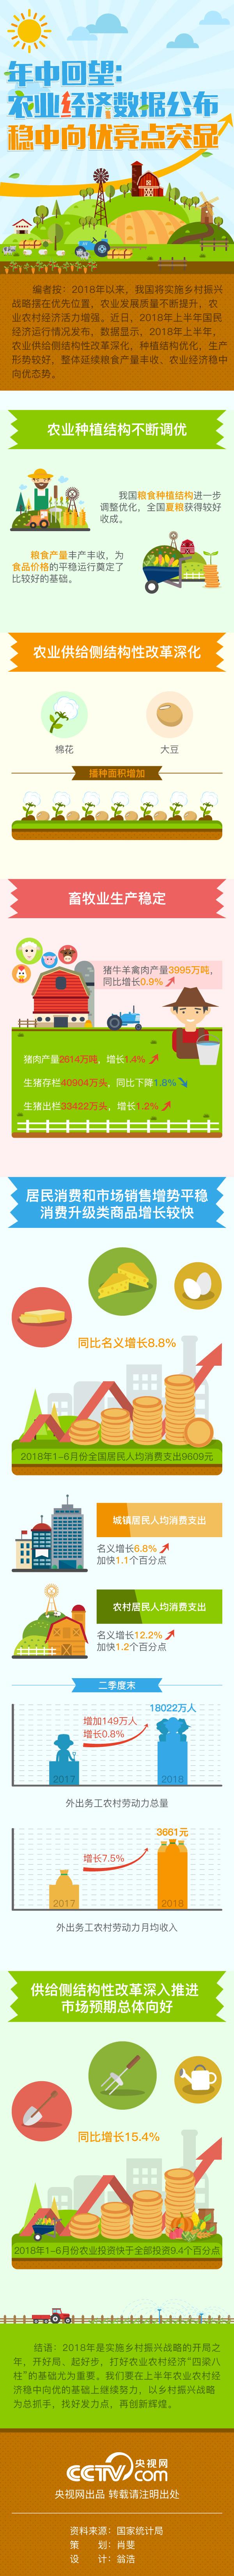 图解丨年中回望:农业经济数据公布 稳中向优亮点突显